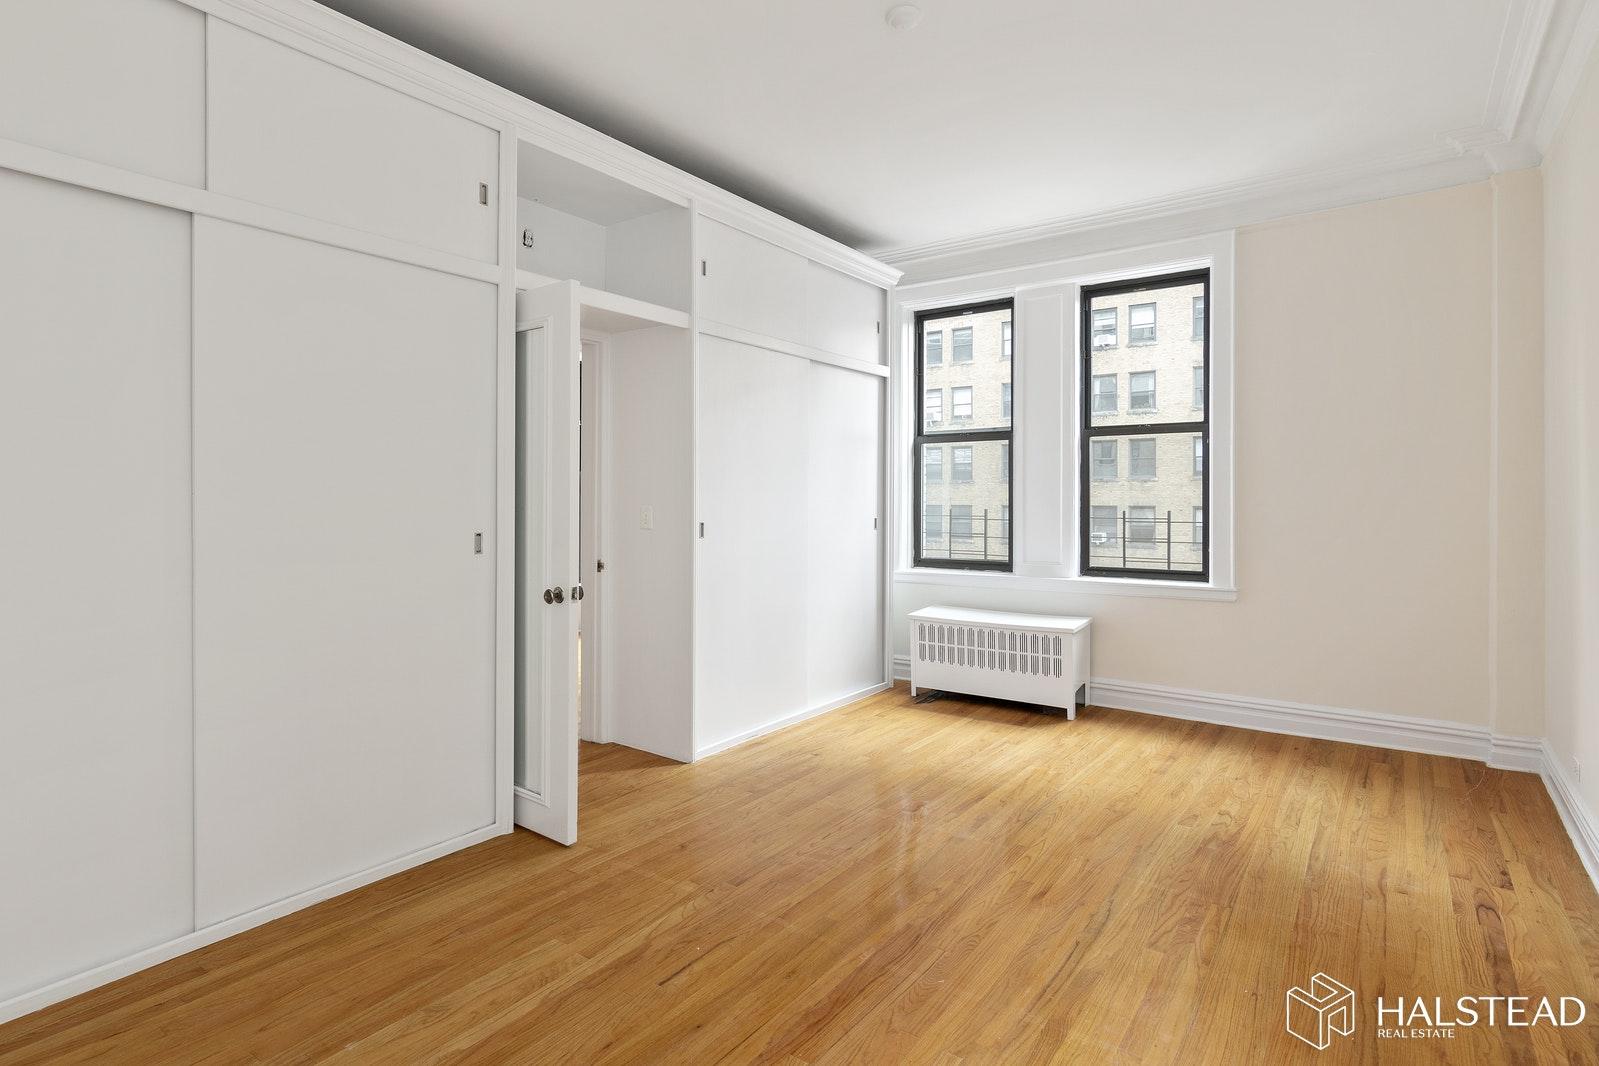 260 WEST 72ND STREET 7B, Upper West Side, $6,300, Web #: 19770456